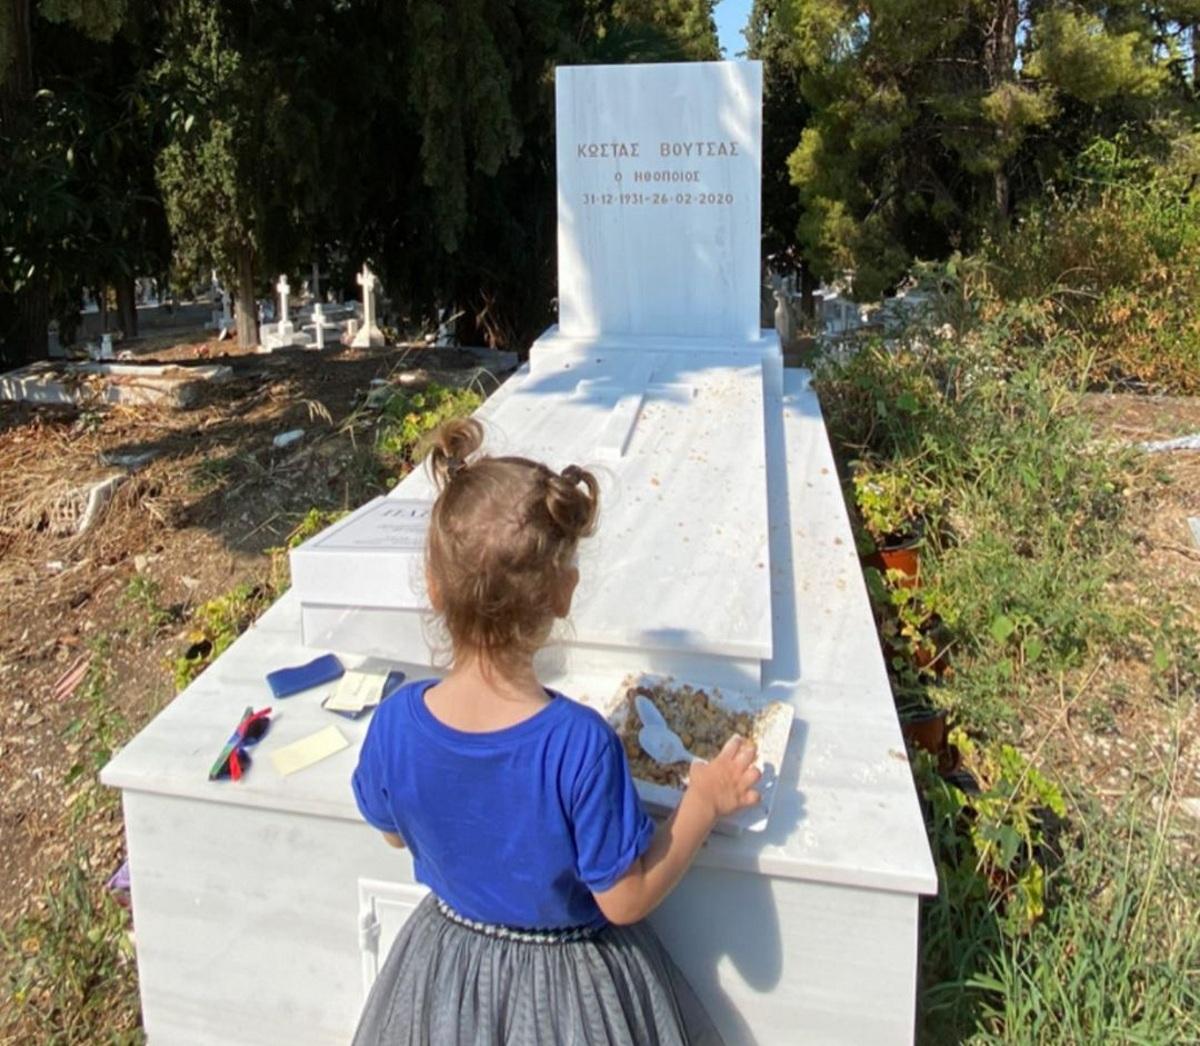 Θεοδώρα Βουτσά:  Έκανε τρισάγιο στον τάφο του πατέρα της  Κώστα Βουτσά, με την κόρη της! Βίντεο